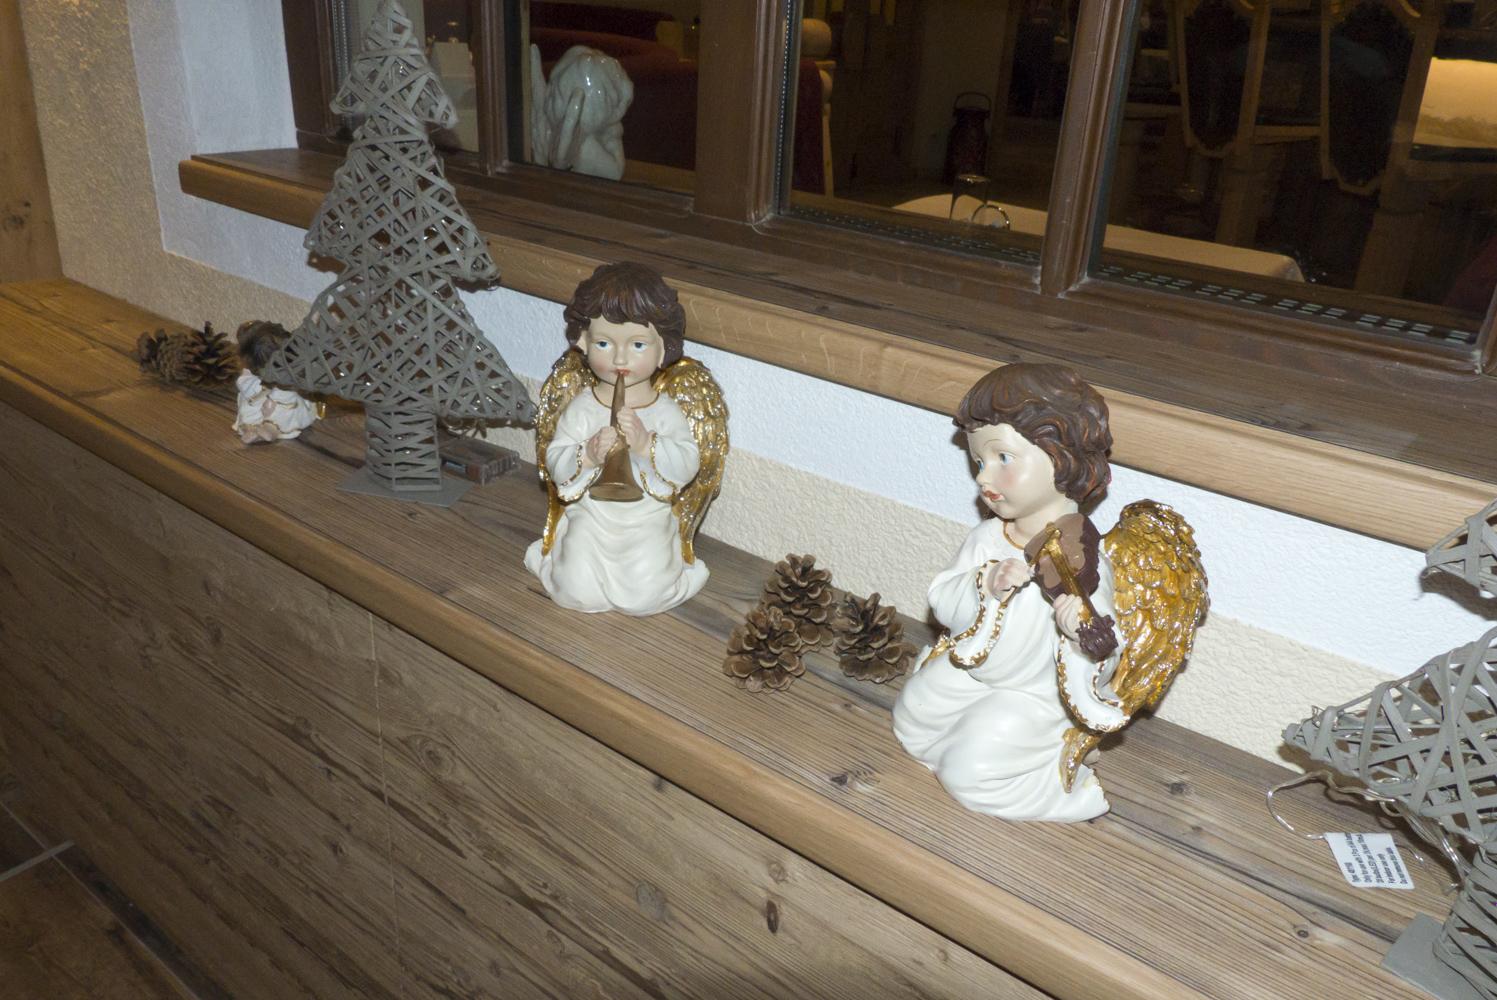 2014-12-12 Weihnachtssitzung BV 019